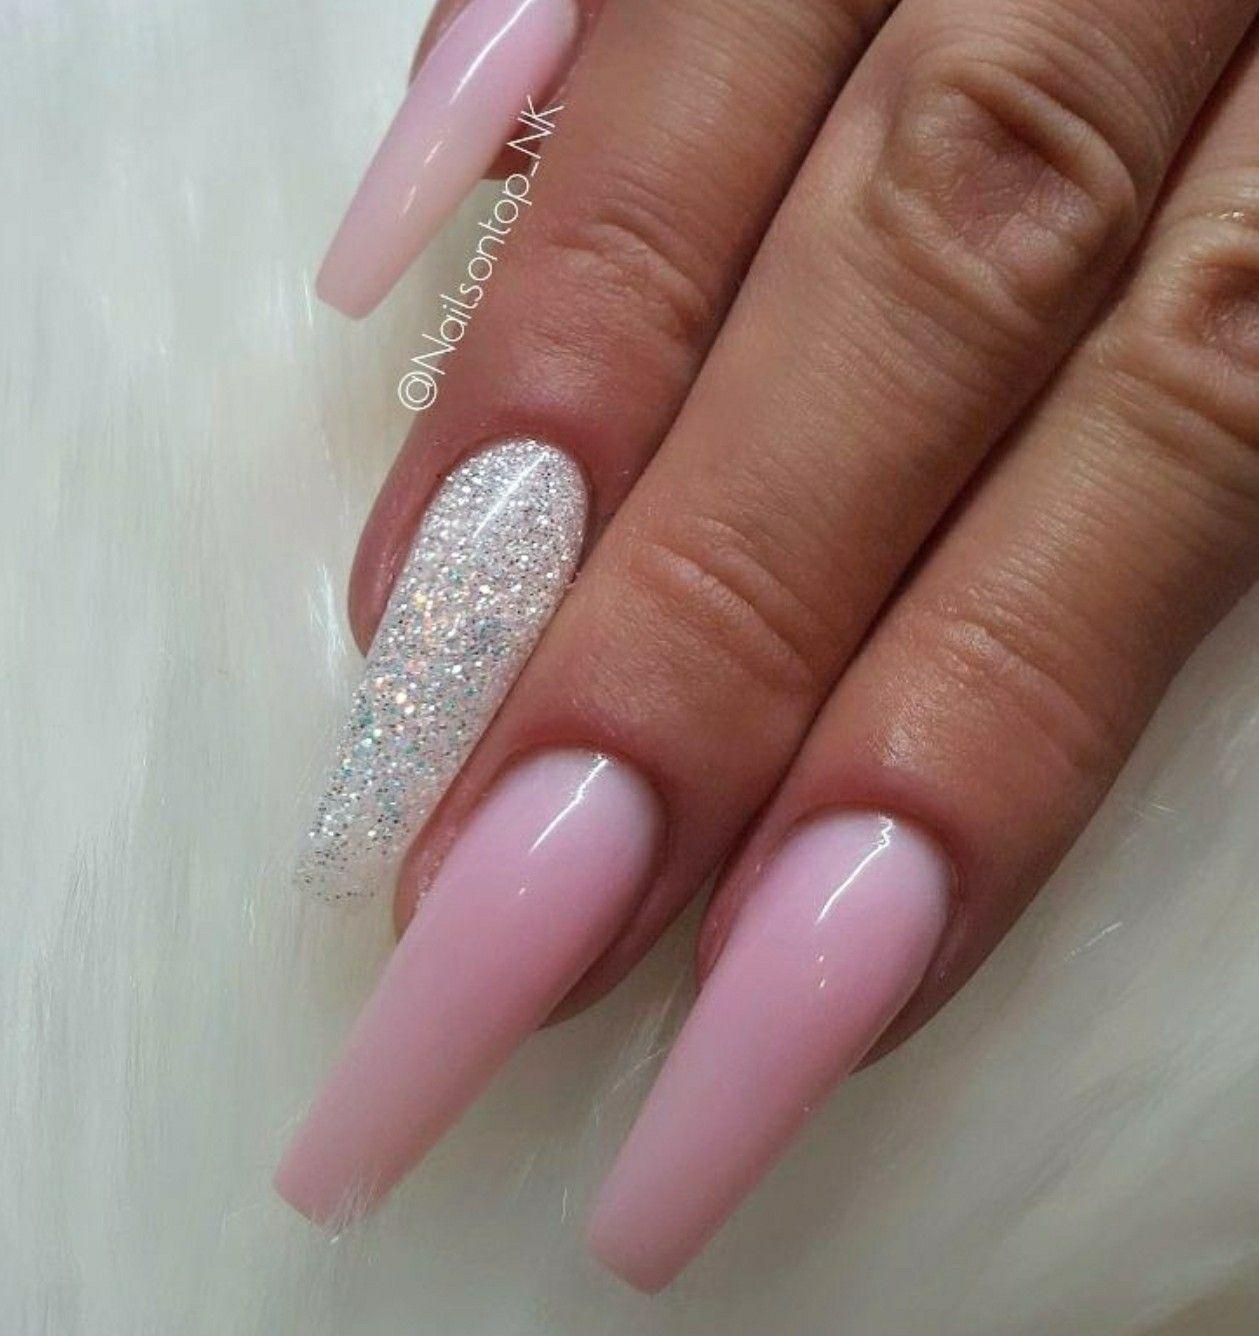 Ballerina Nails Long Ballerina Nails Pink Nails Pink And White Nails Acrylic Nails Gel White Tip Acrylic Nails Acrylic Nails Coffin Classy Pink Gel Nails